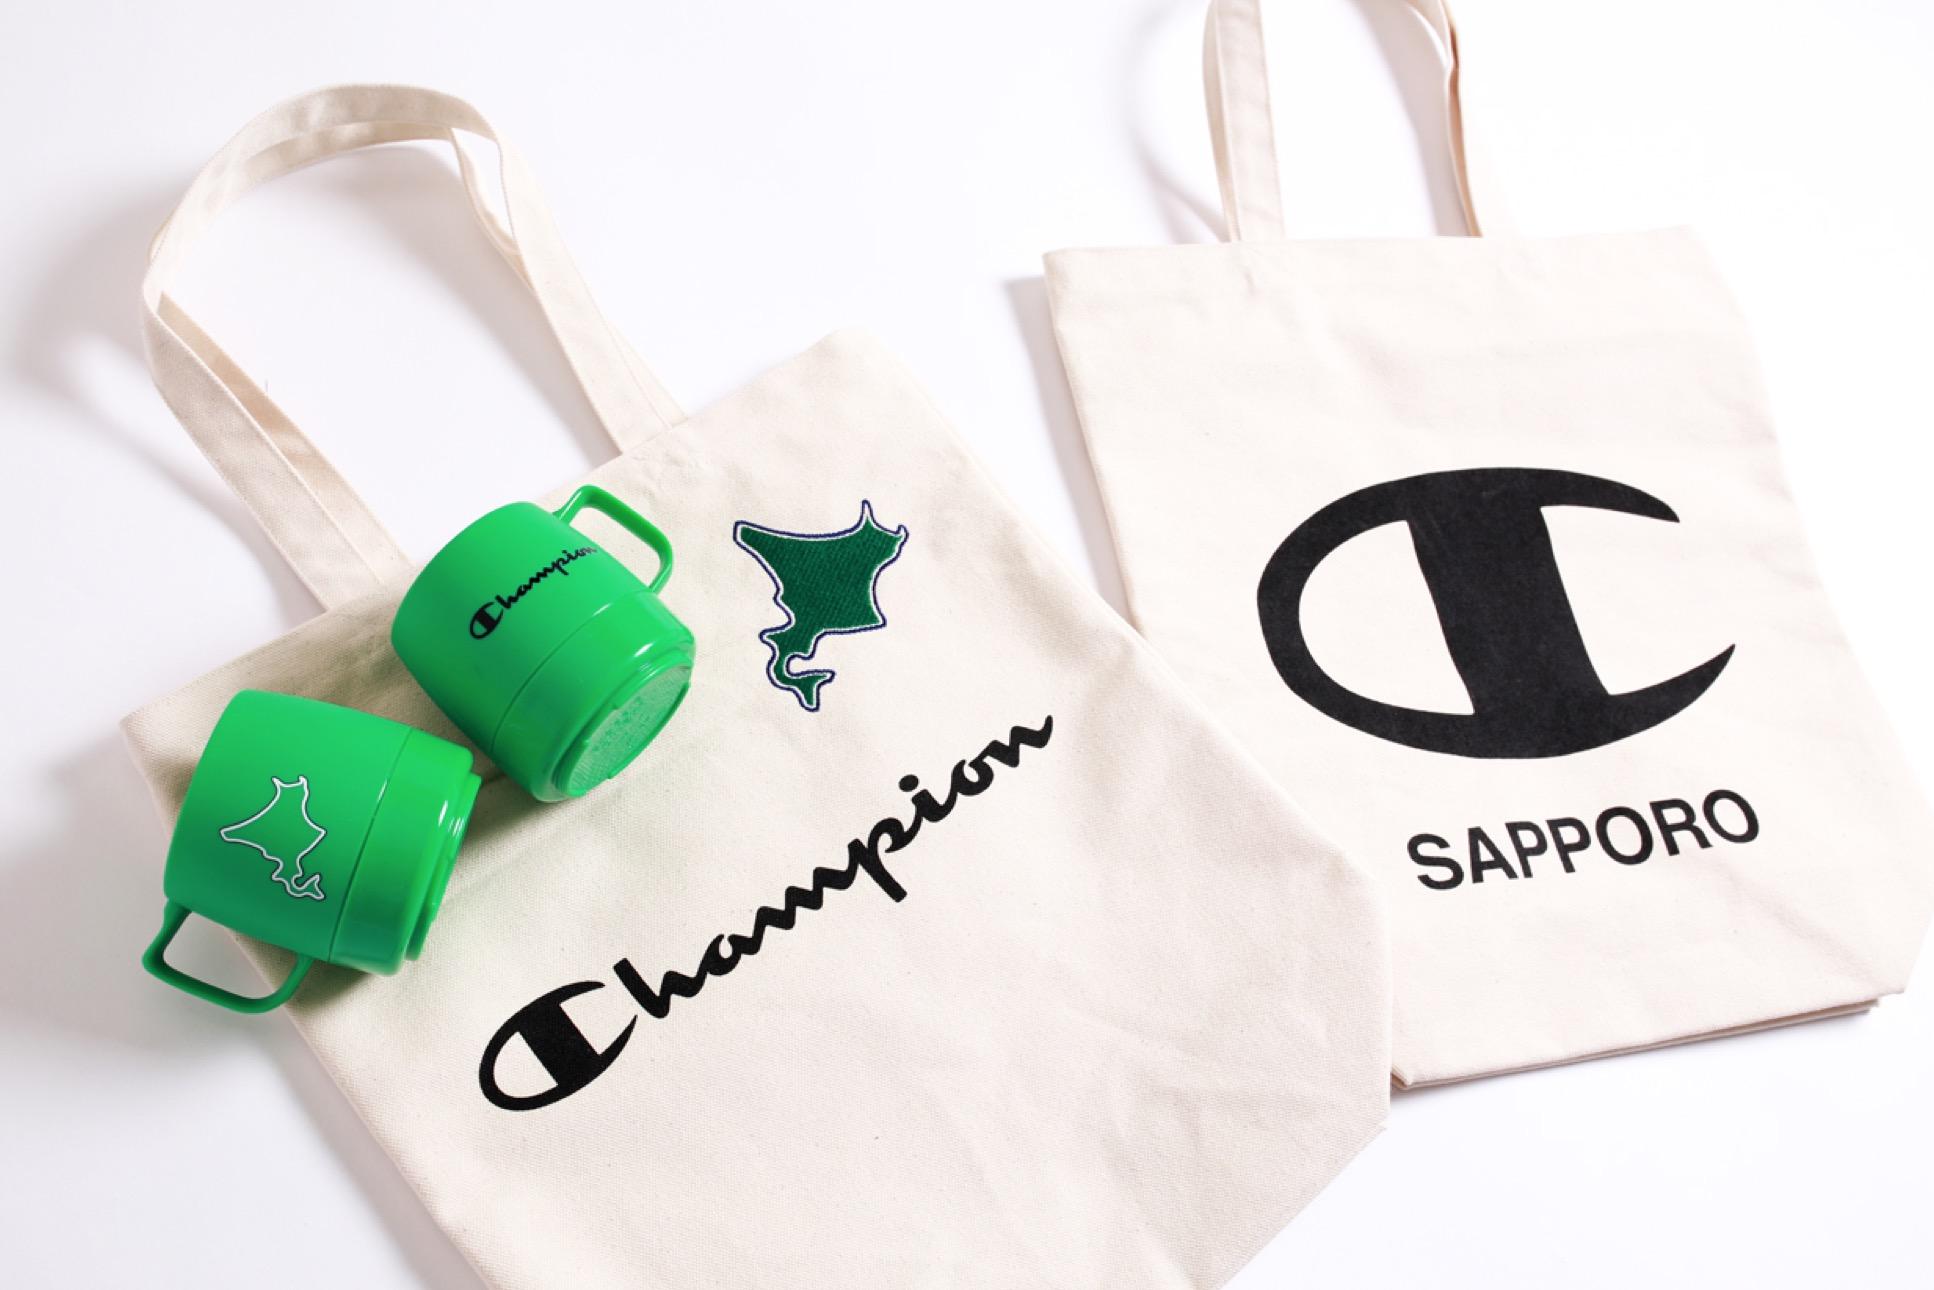 Champion 札幌ステラプレイス オープン記念限定ノベルティ プレゼント オリジナルトートバッグ、マグカップイメージ